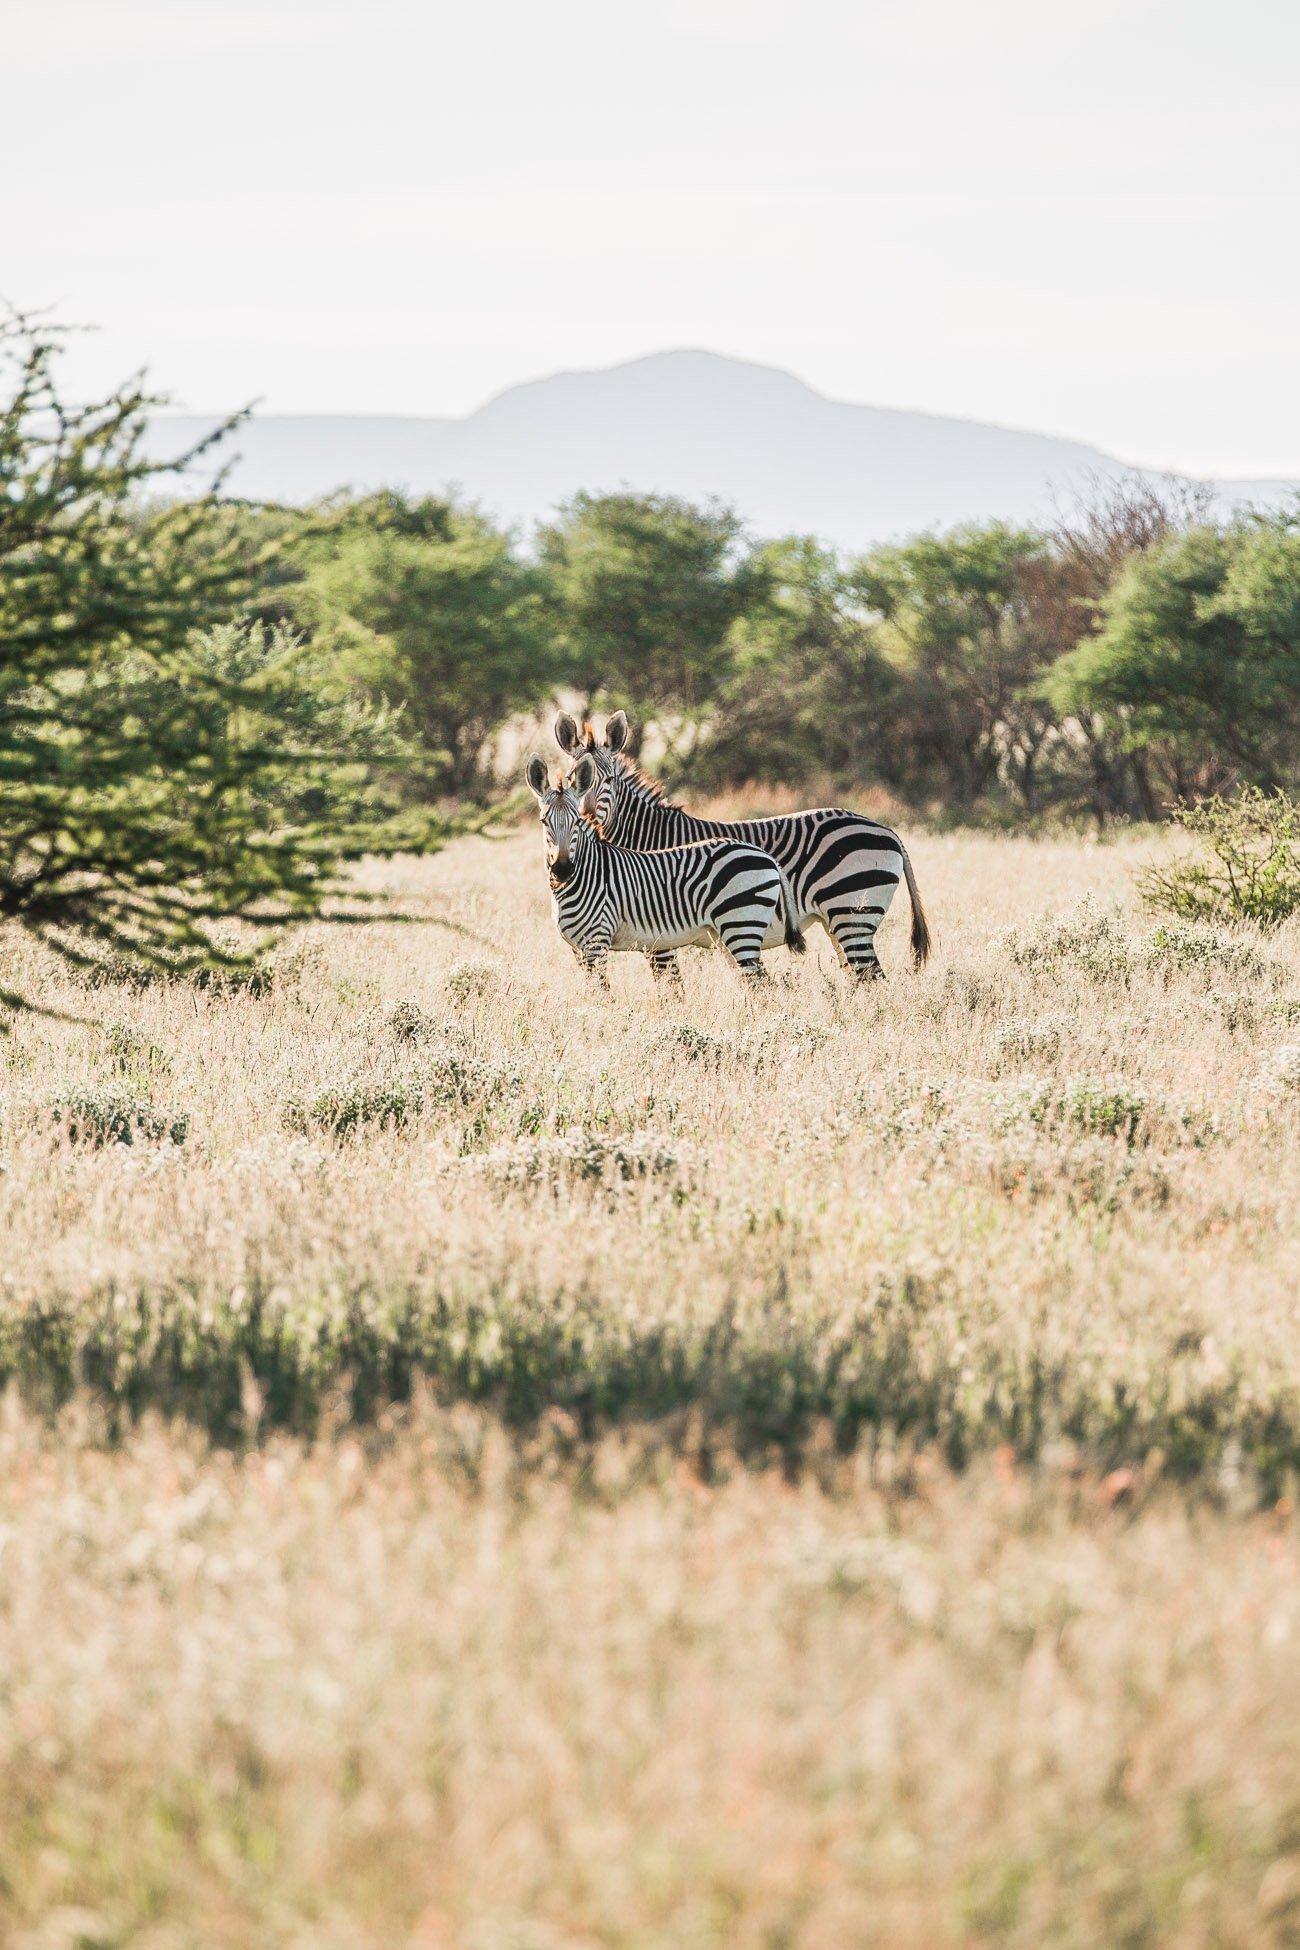 Zebras at a Safari in Namibia